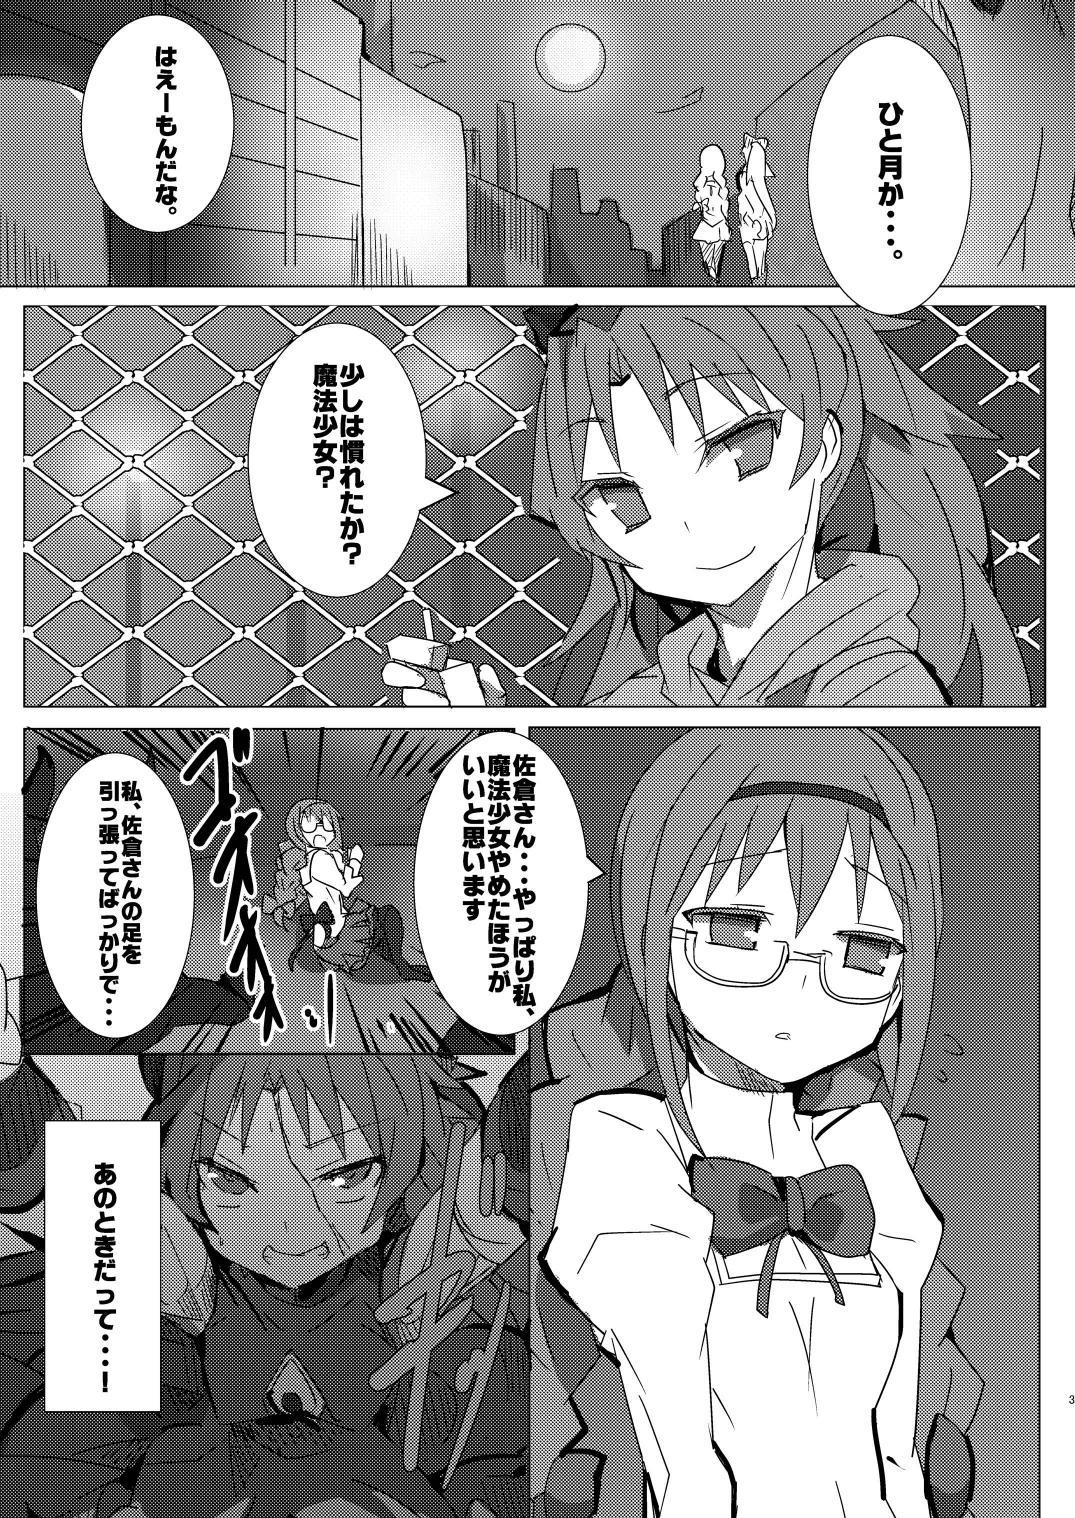 Mahou Shoujo HD Part 1 HomuAn Shiiku Hen 2